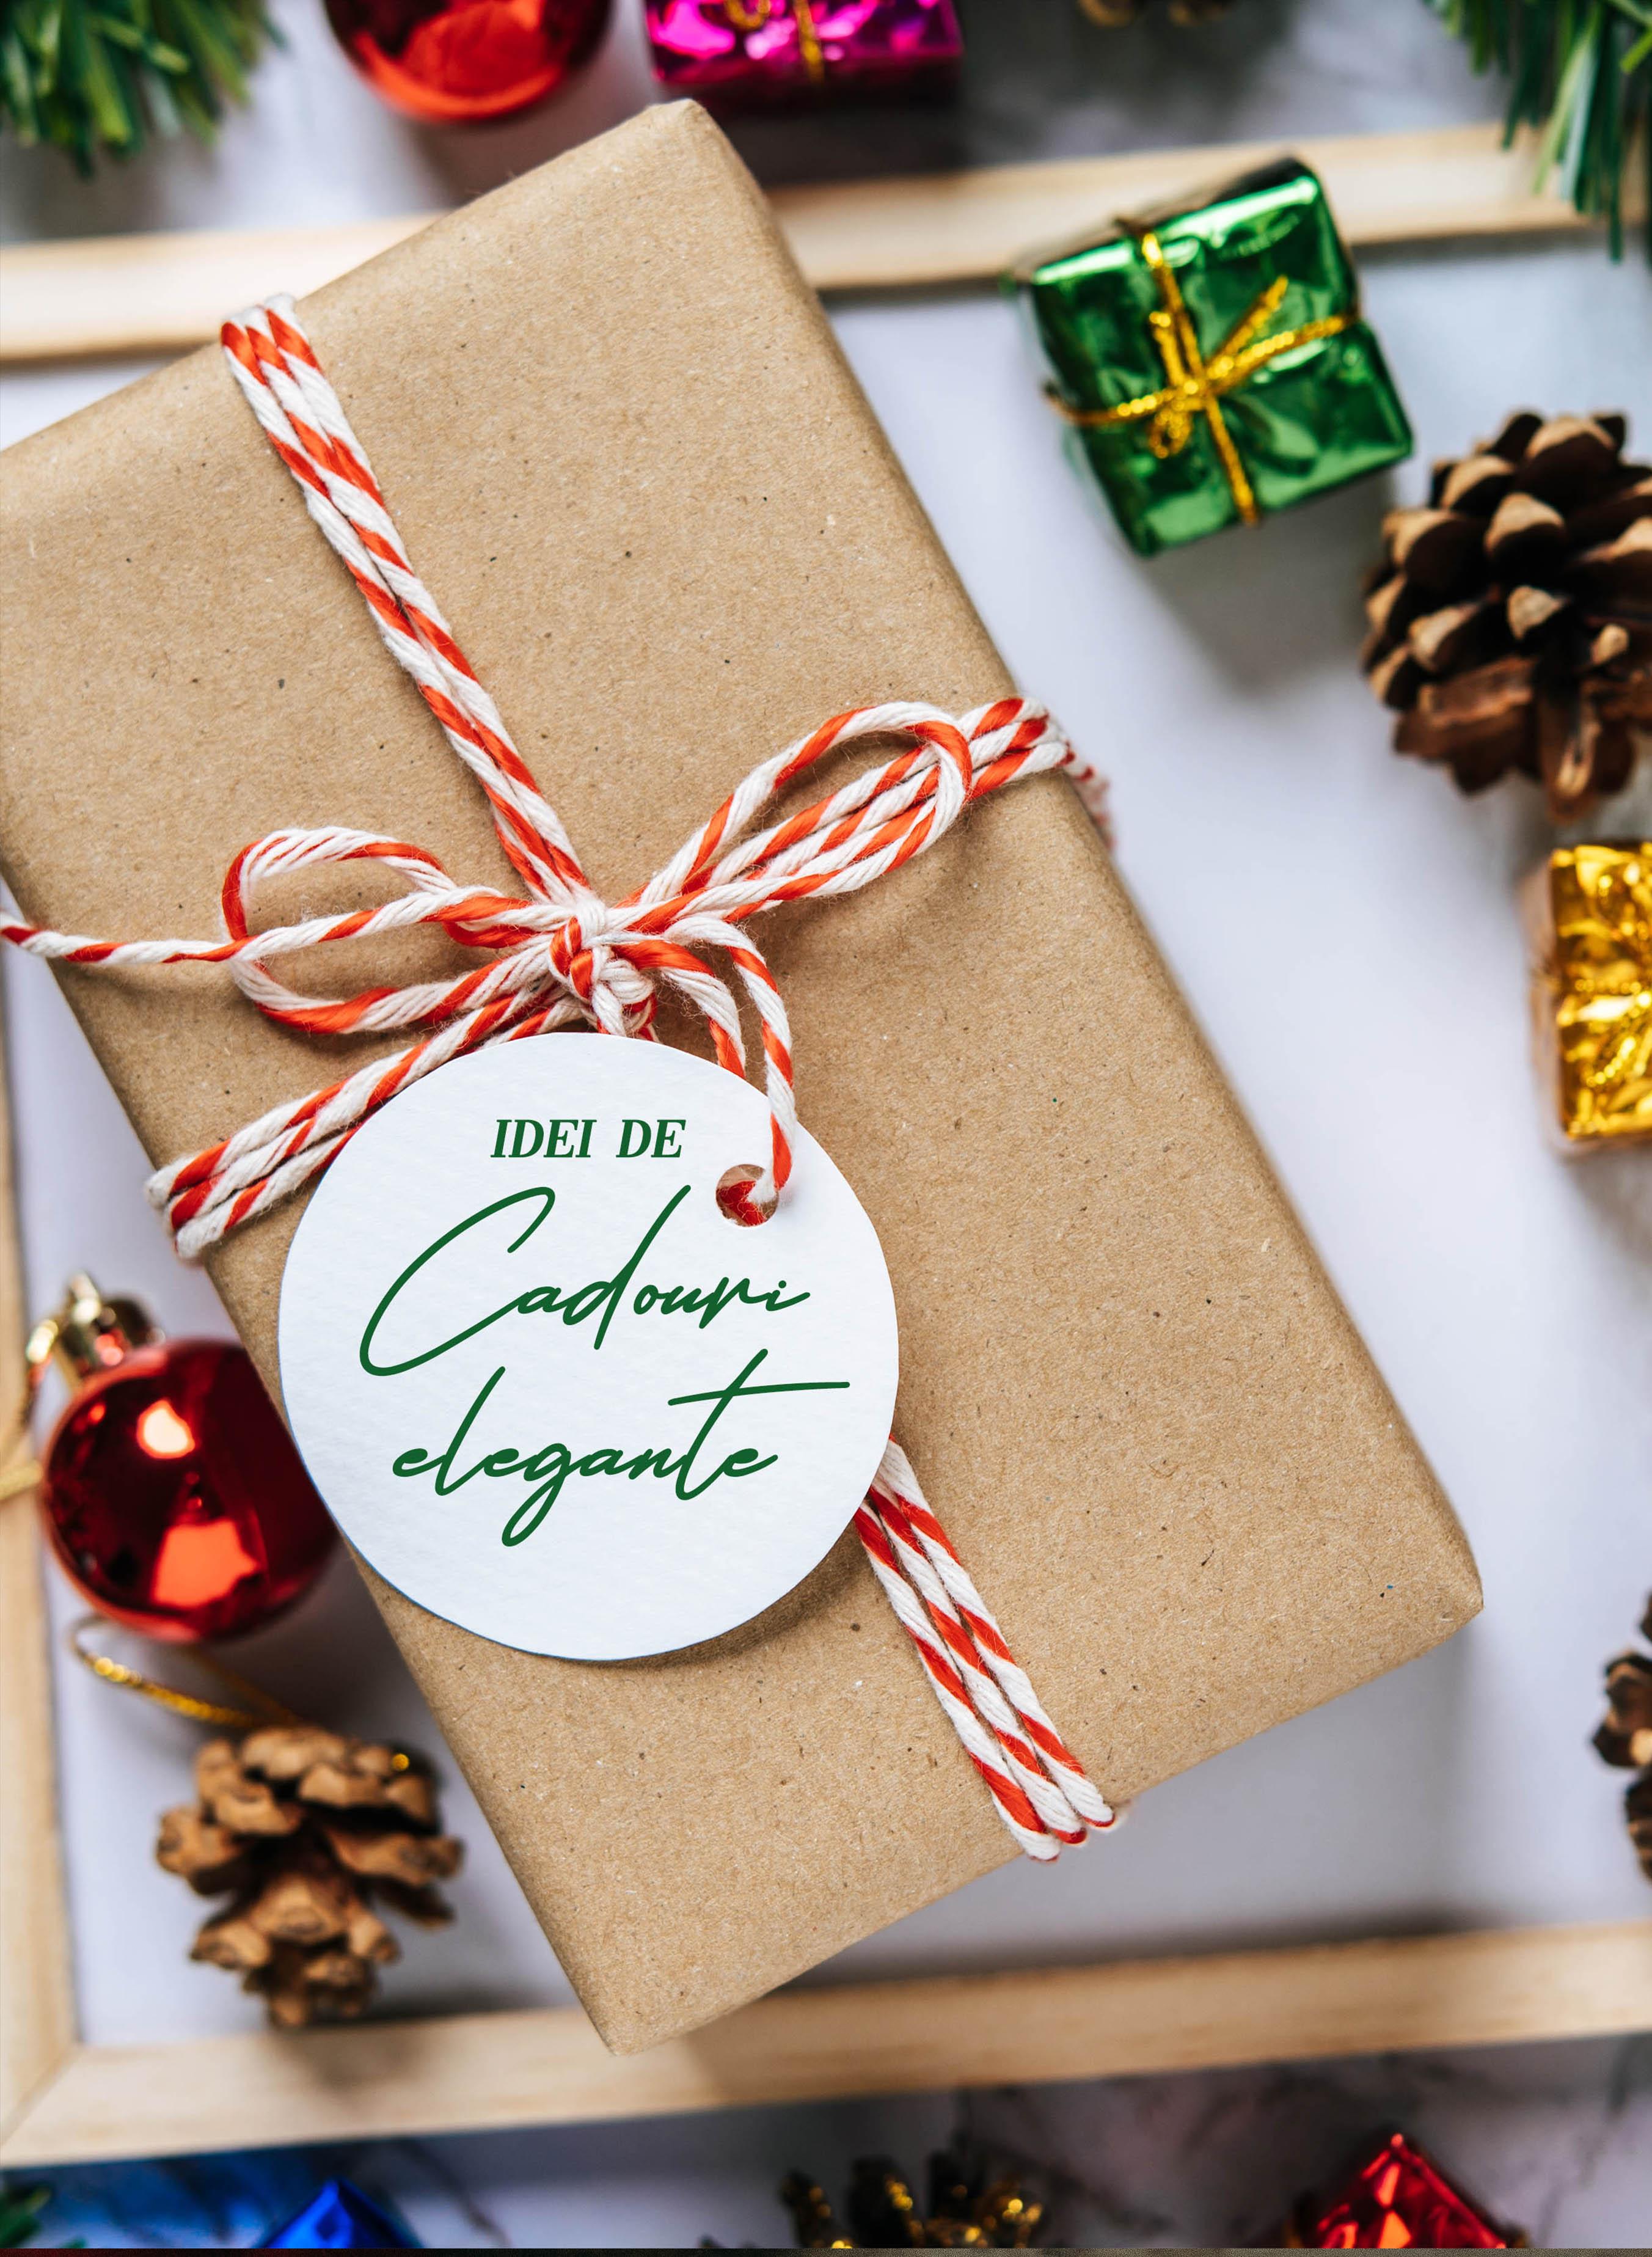 Cadouri elegante de Crăciun